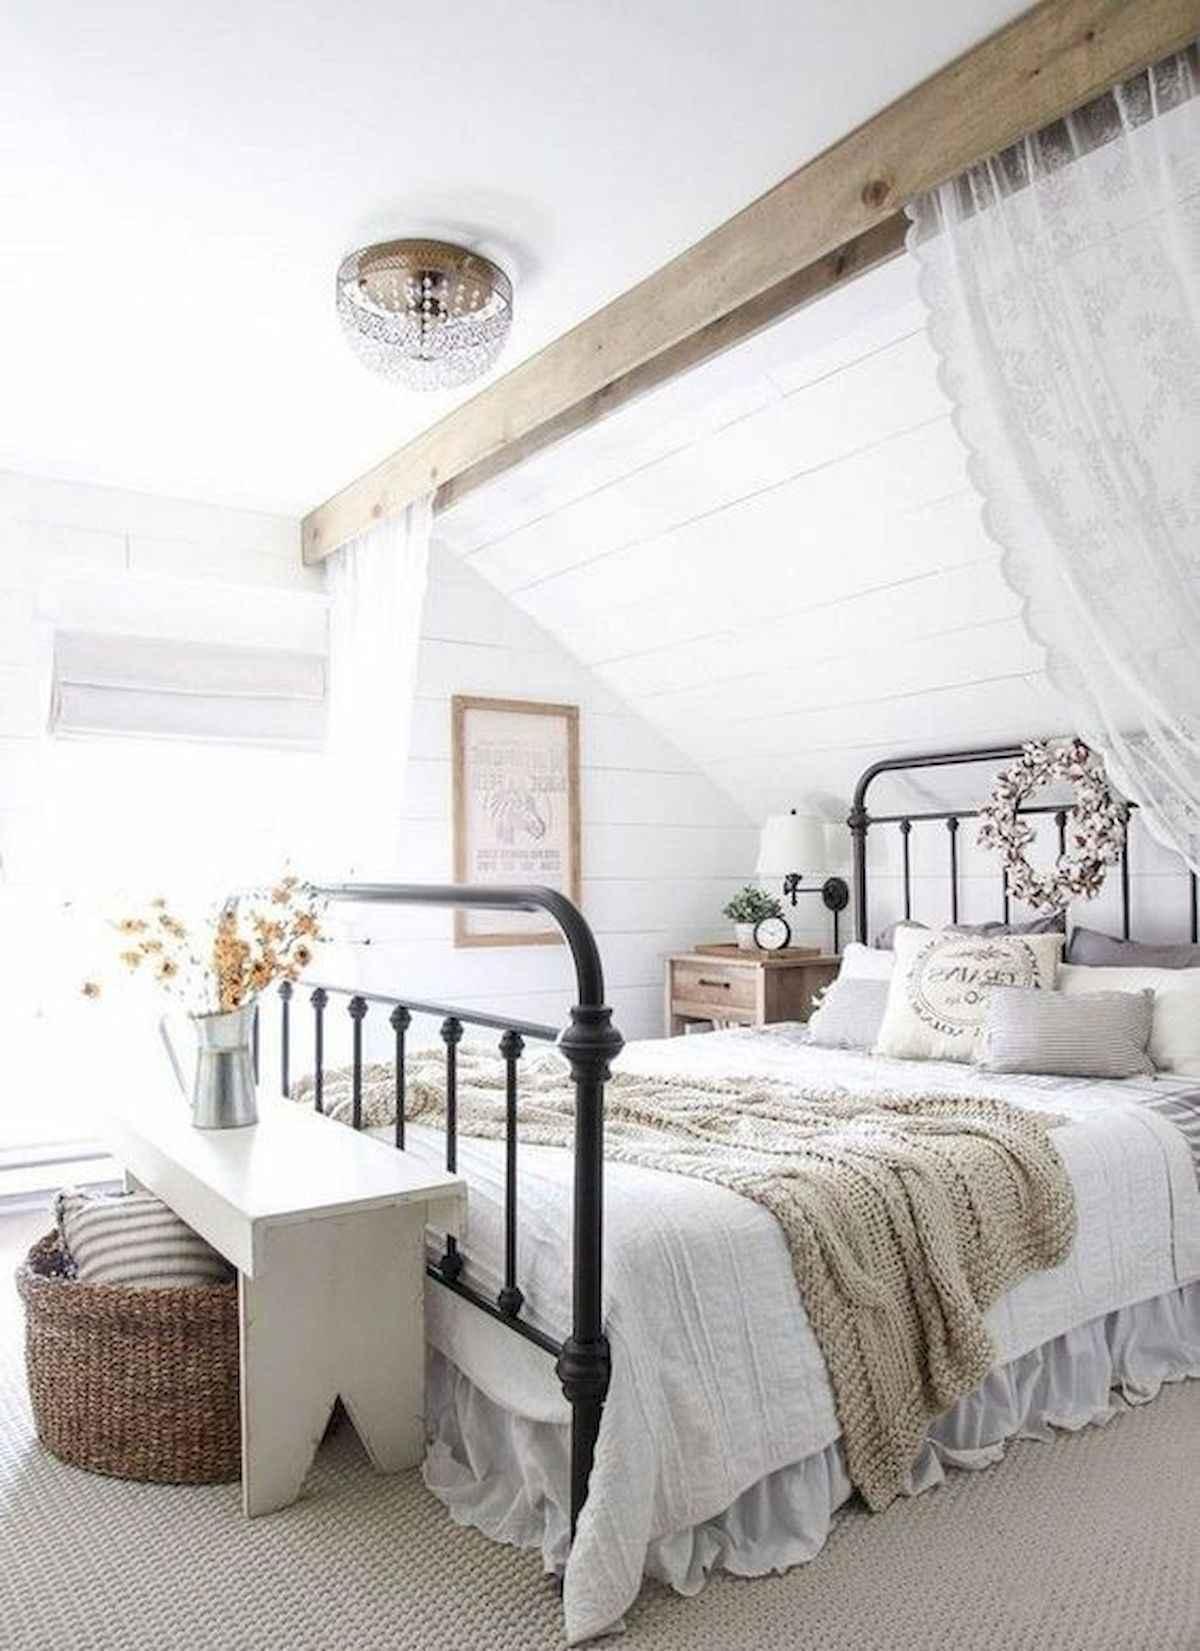 60 Adorable Modern Farmhouse Bedroom Design Ideas And Decor 49